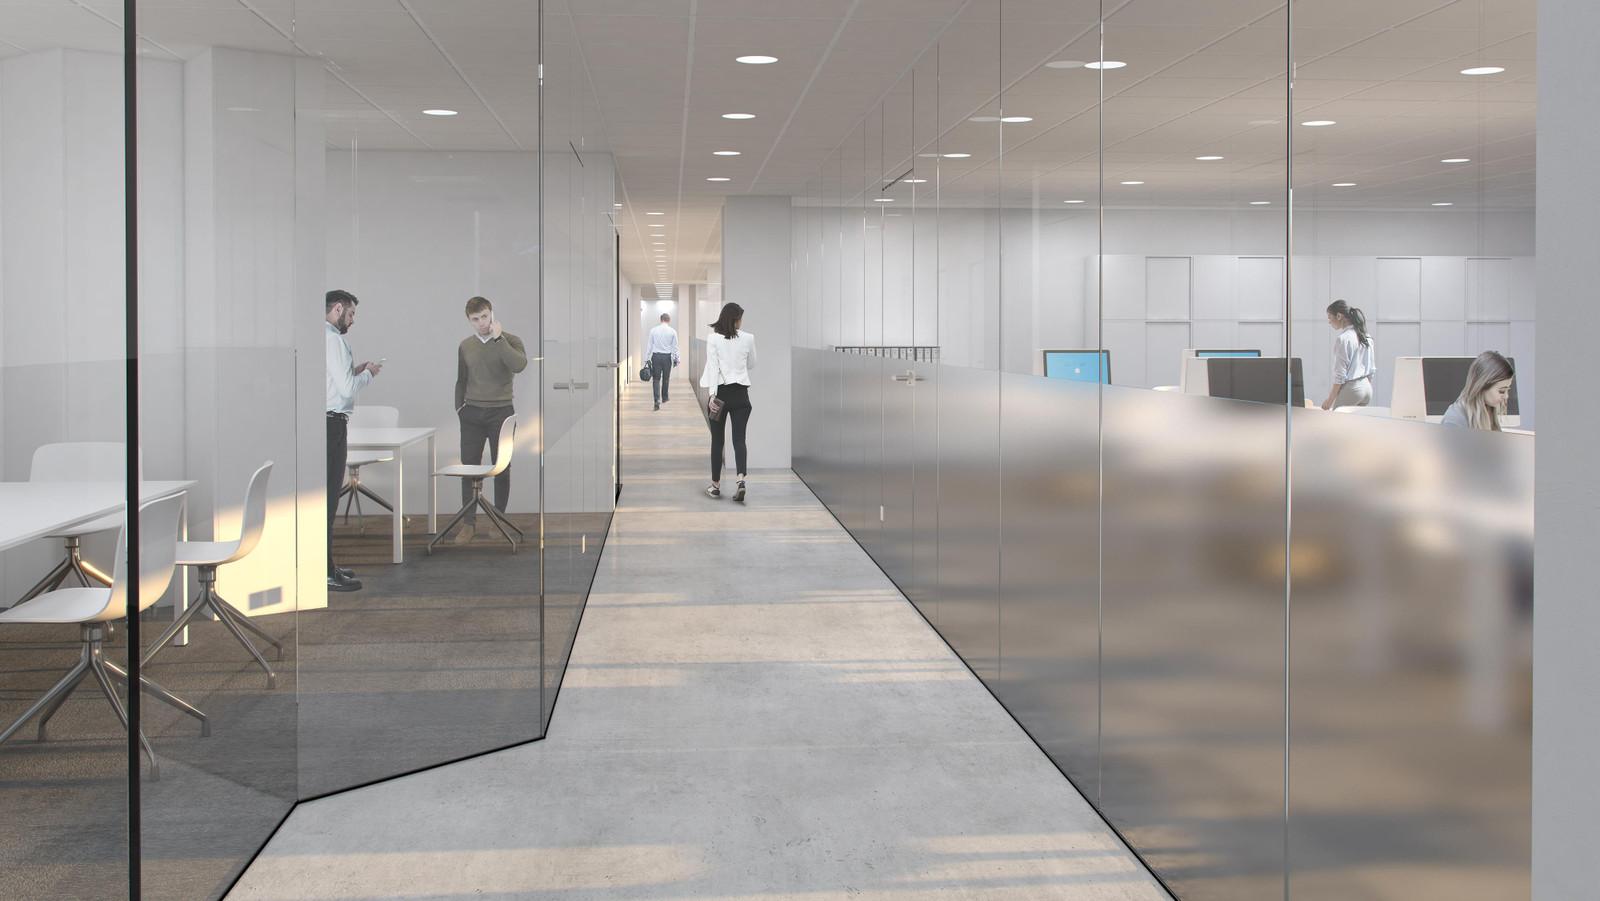 Glassvegger mellom kontorer/møterom/fellesareal